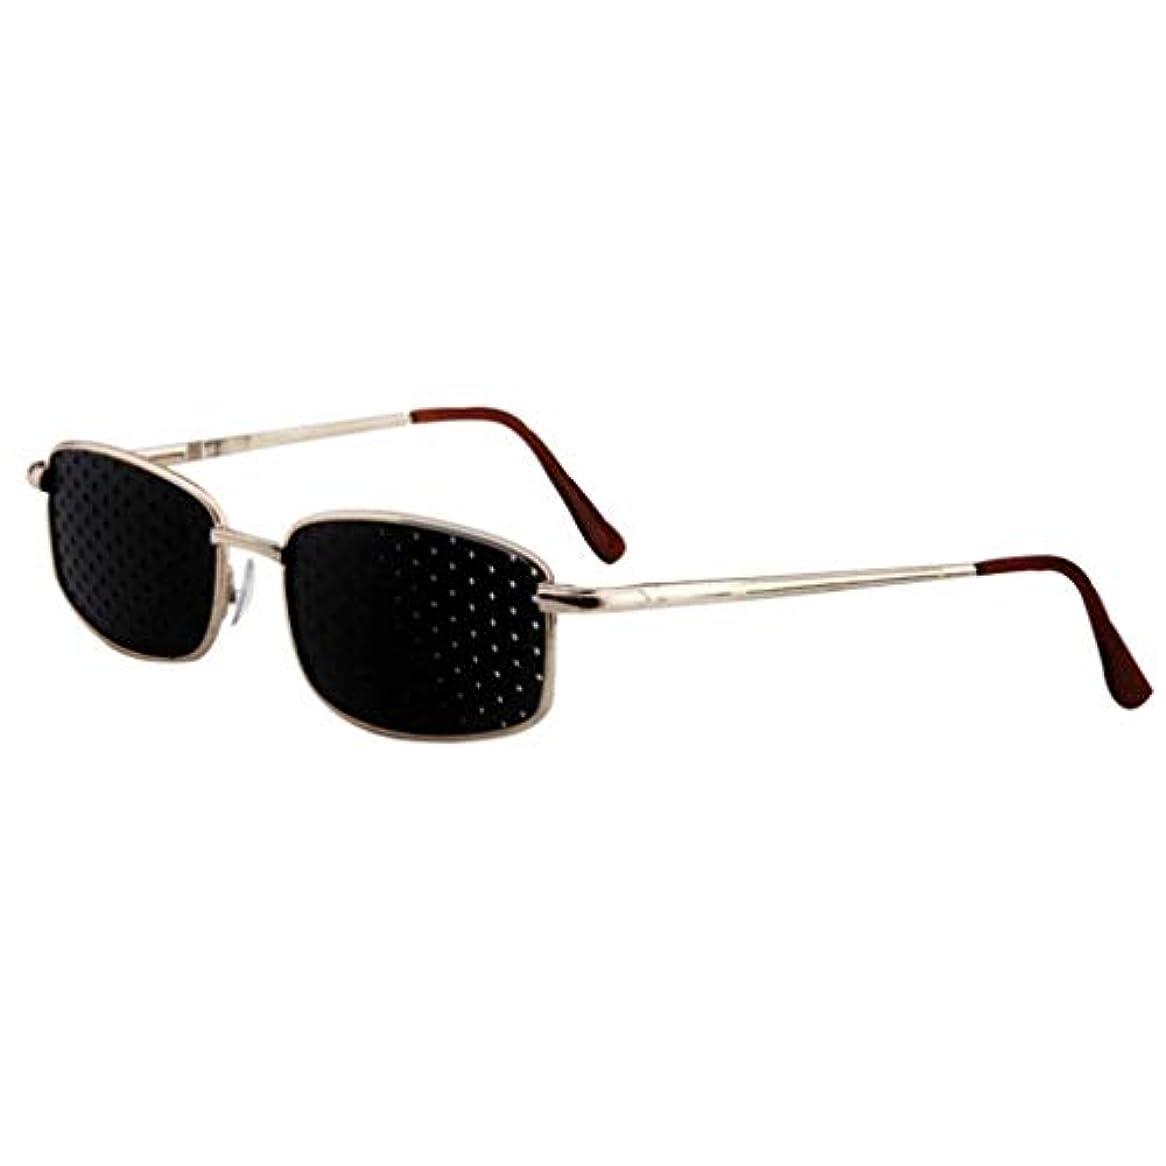 名前精緻化透過性ピンホールメガネ、視力矯正メガネ網状視力保護メガネ耐疲労性メガネ近視の防止メガネの改善